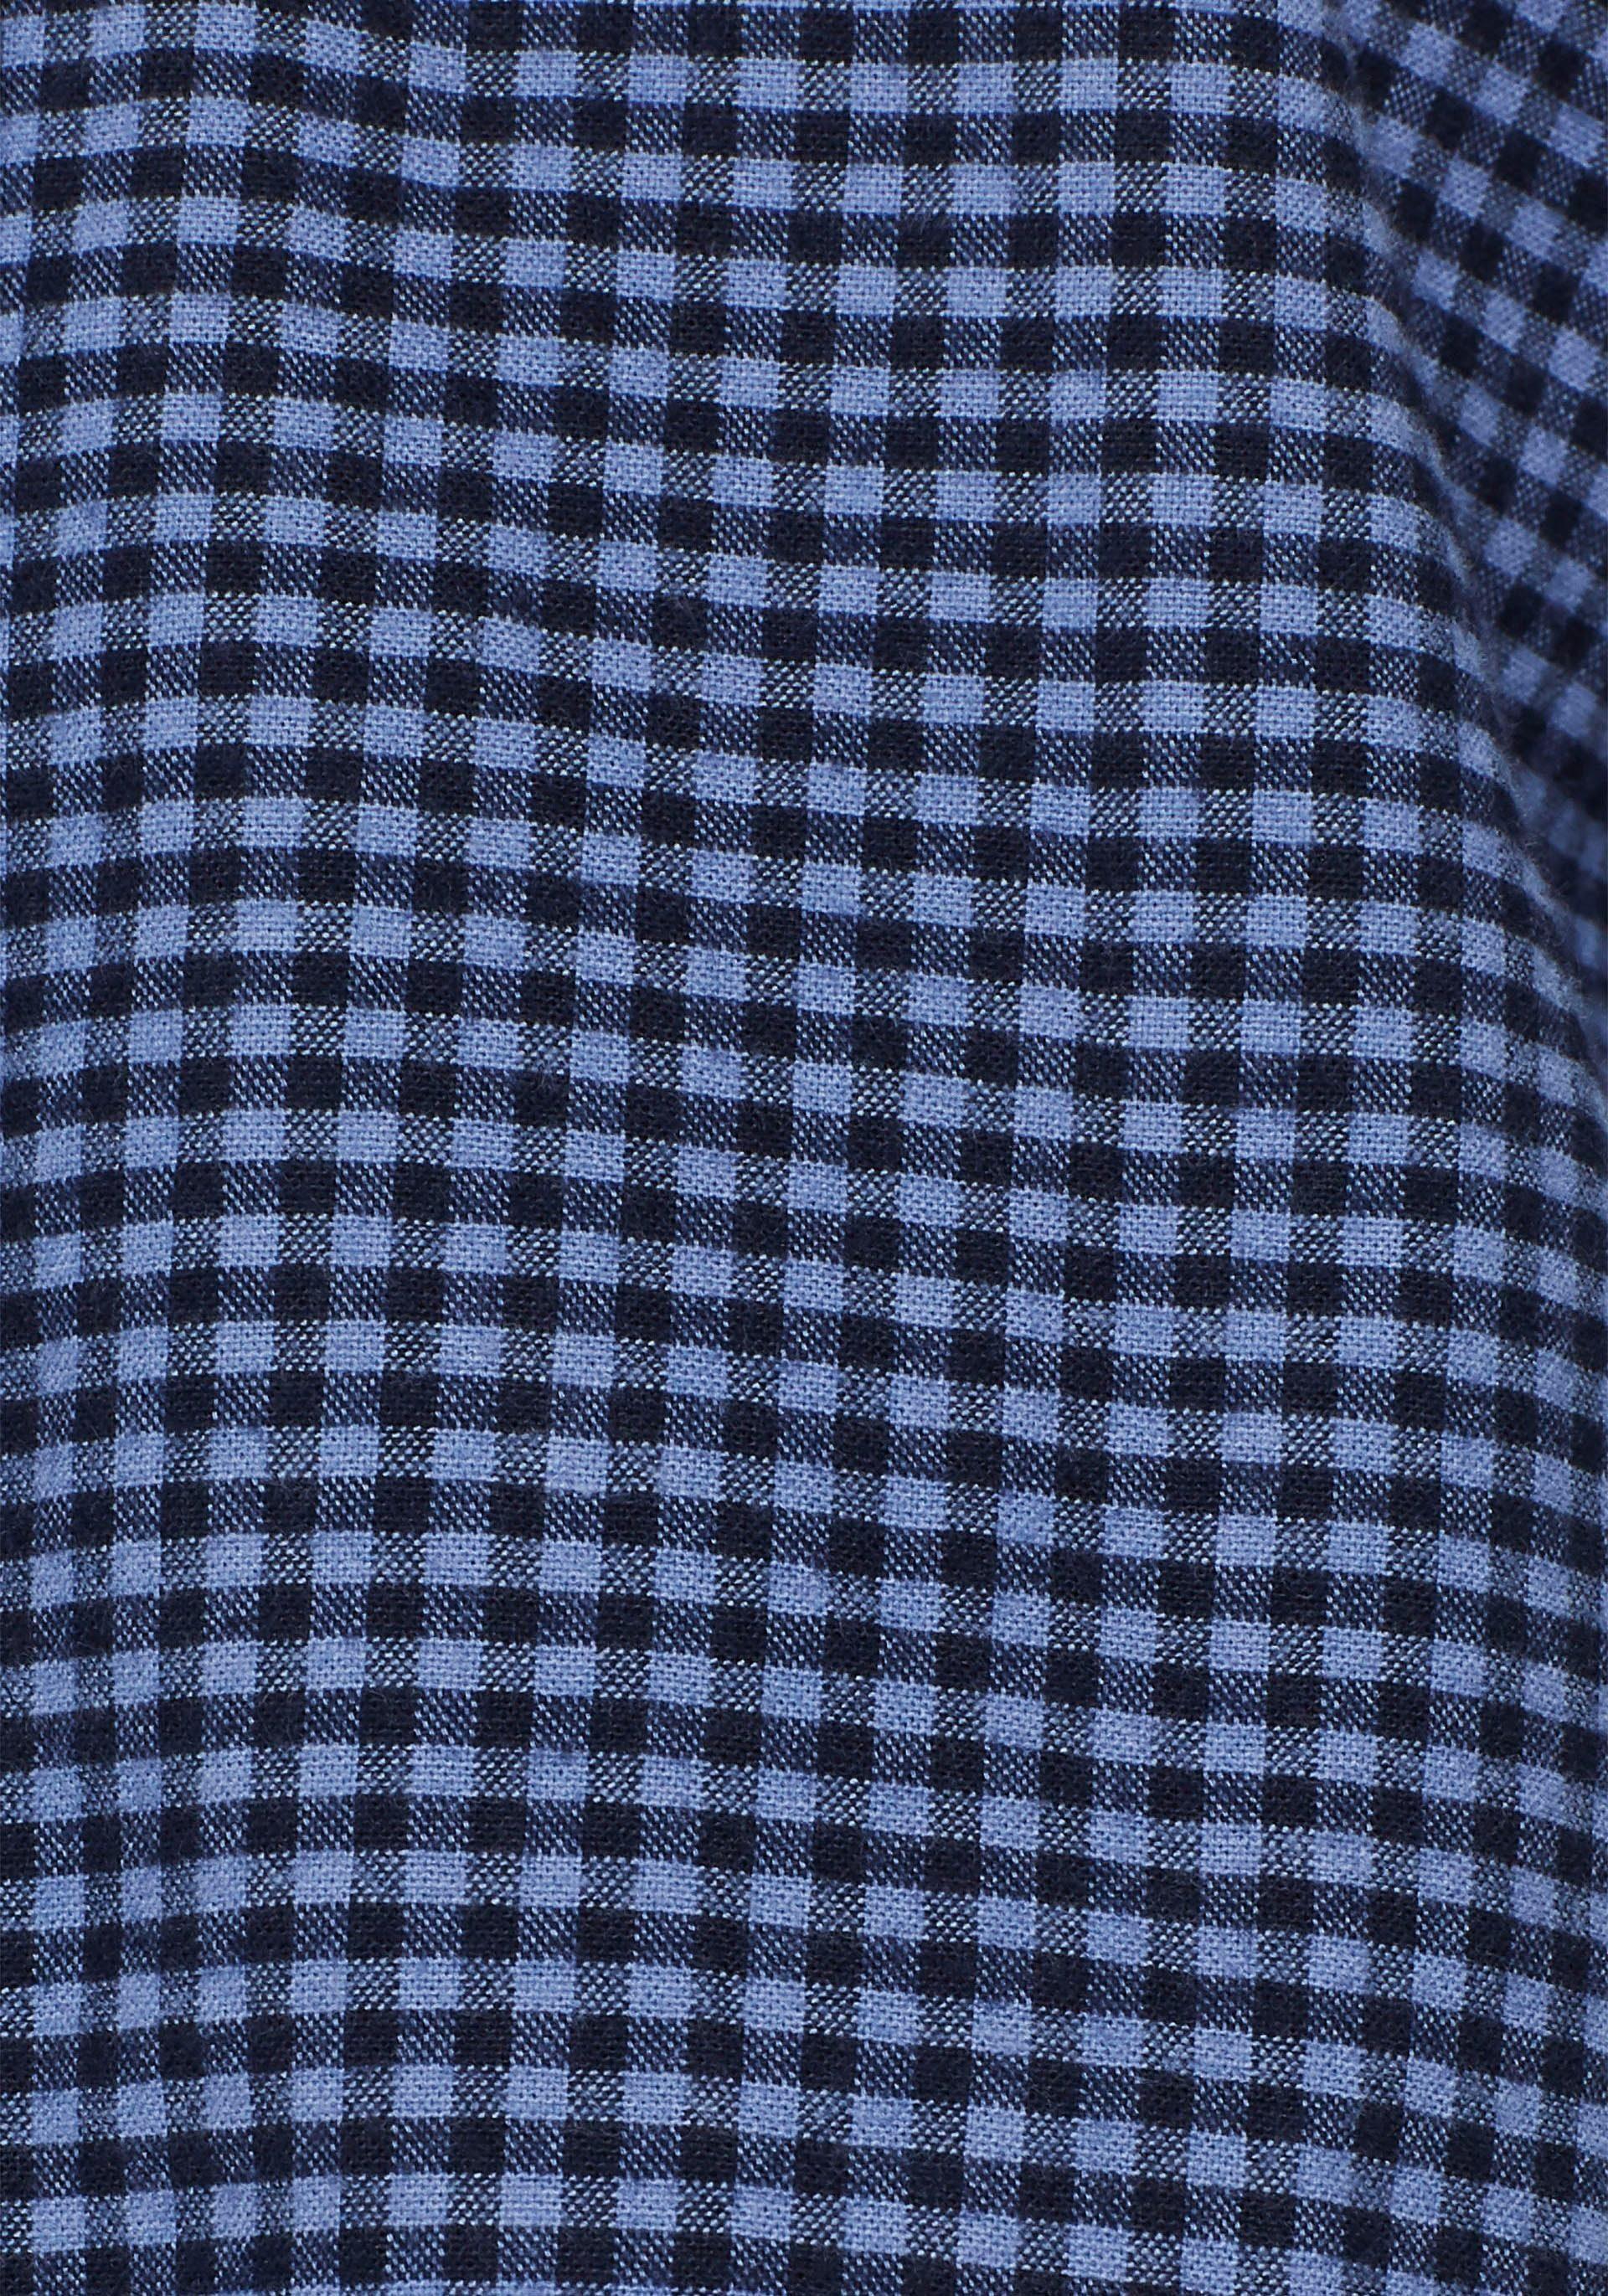 Esprit Overhemd Met Lange Mouwen Koop Je Bij - Geweldige Prijs